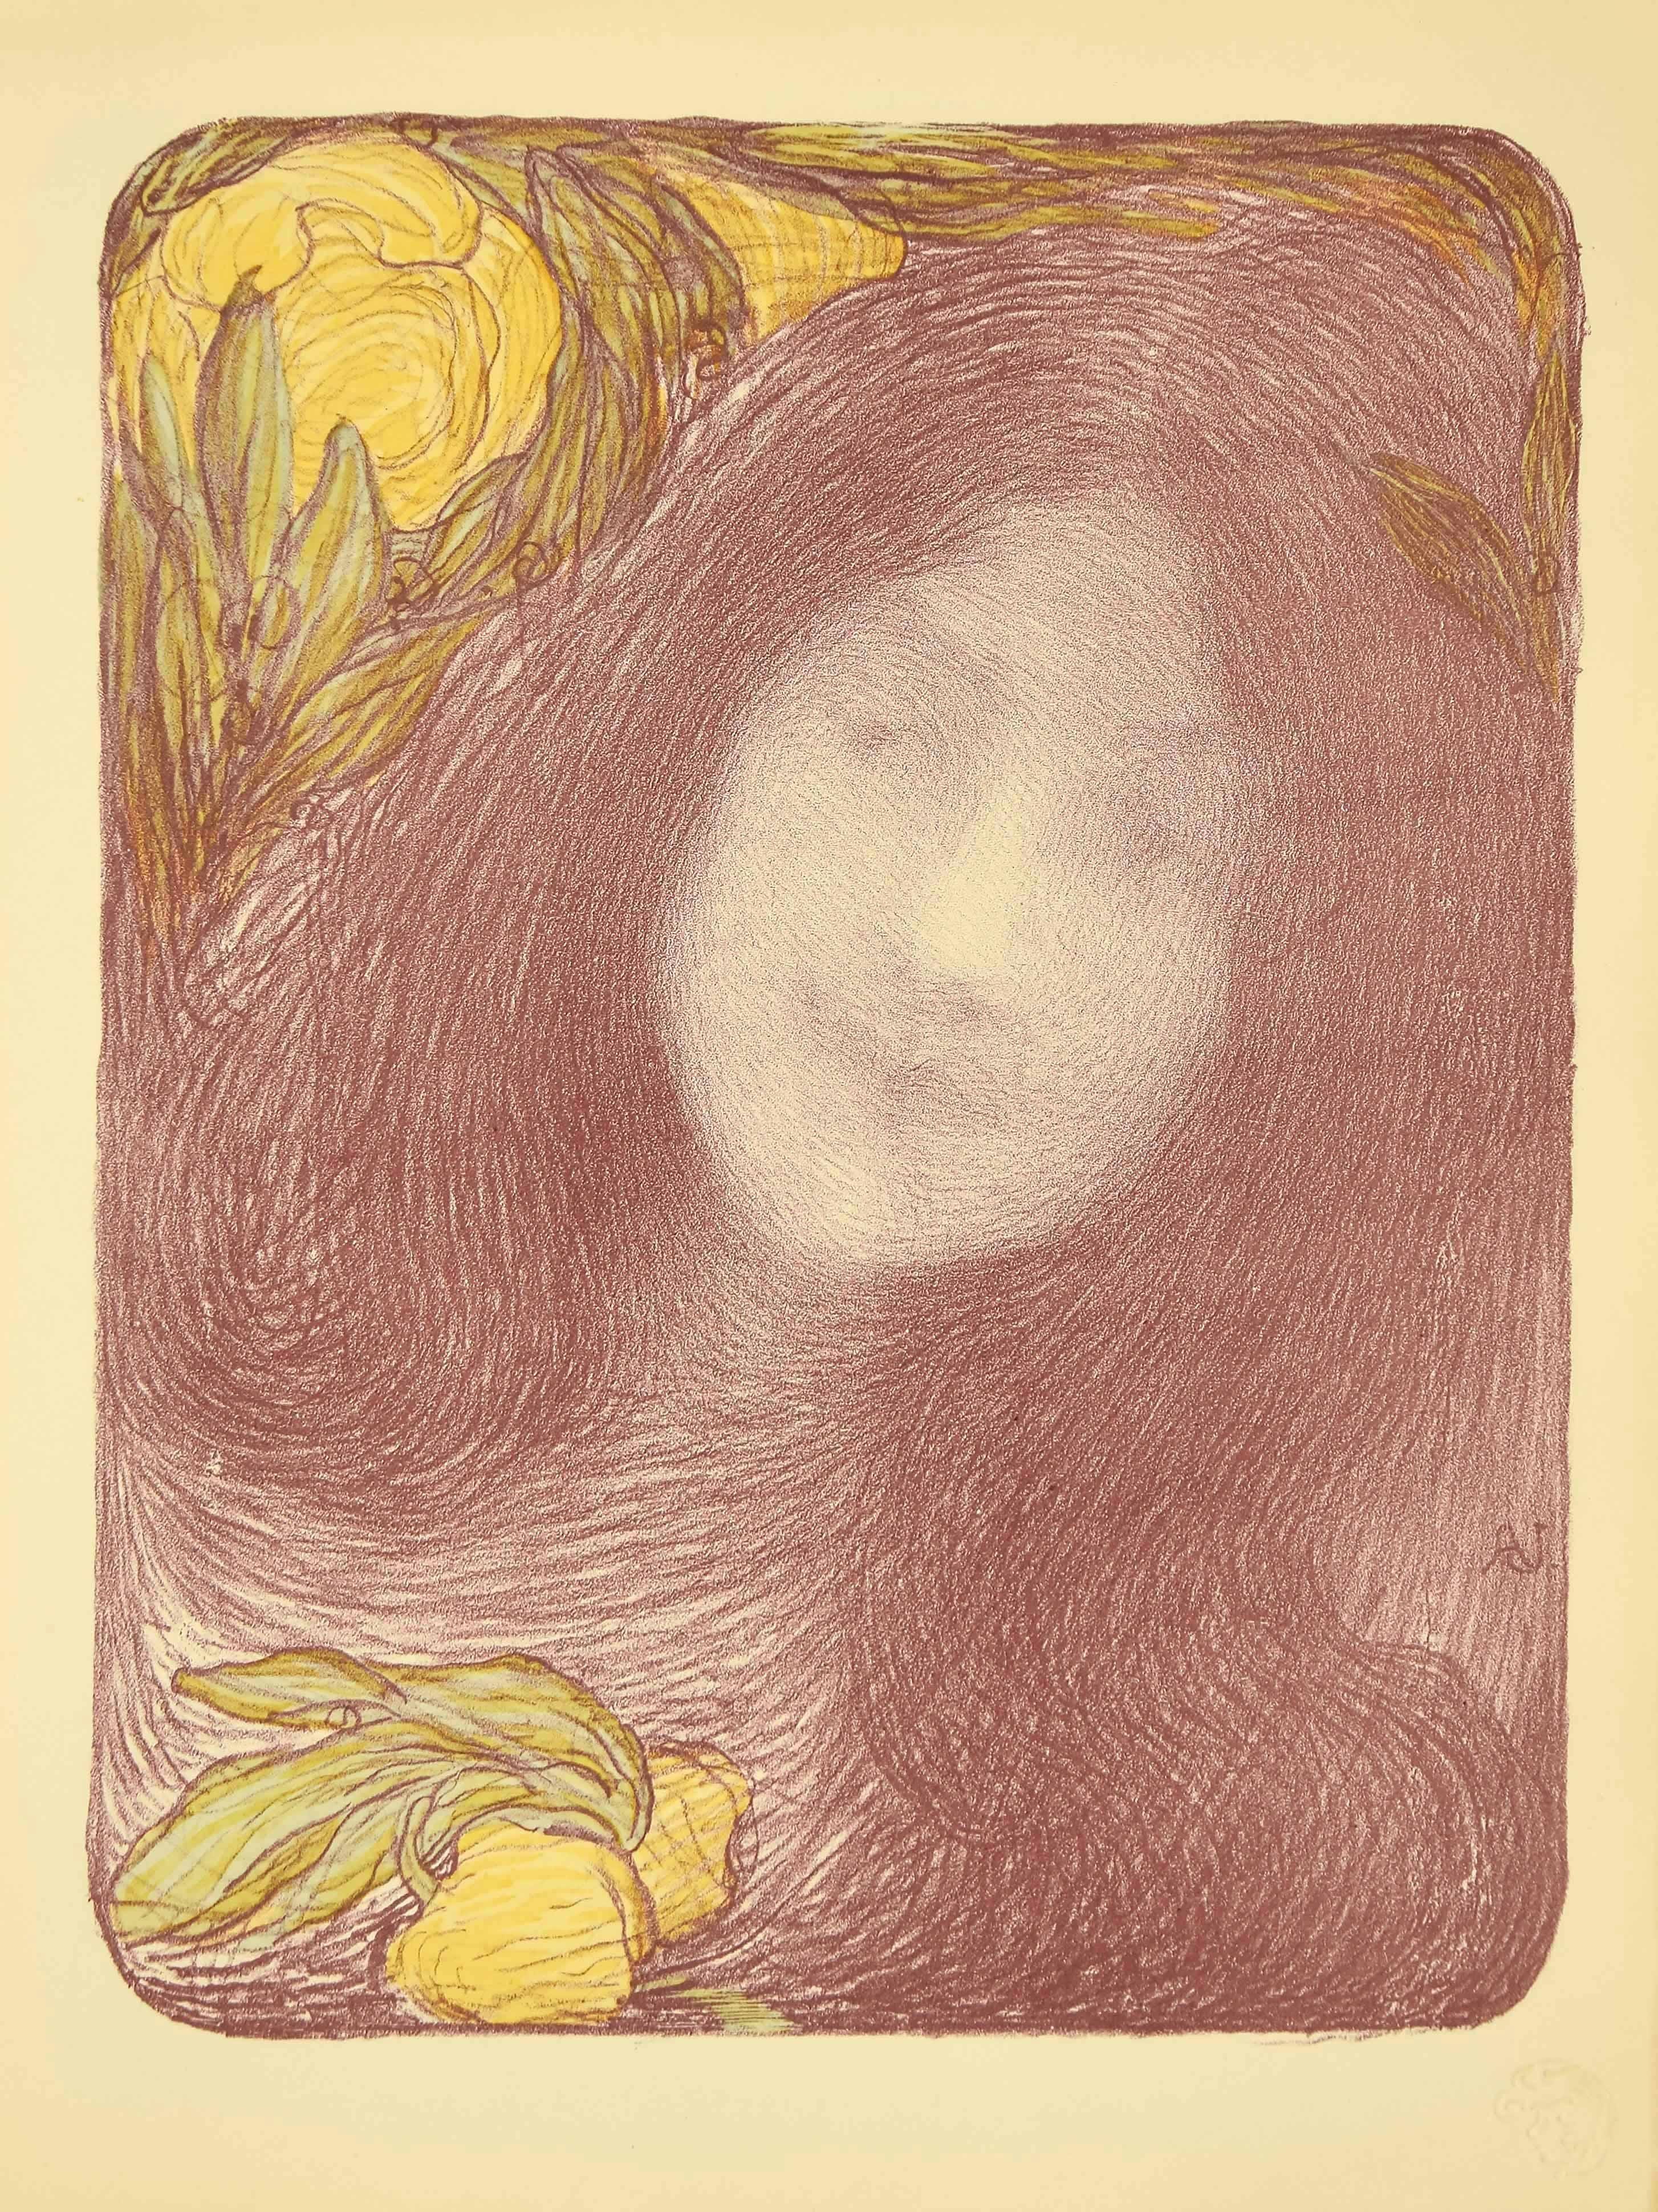 Sous les Fleurs - Original Lithograph by E. Aman-Jean - 1898